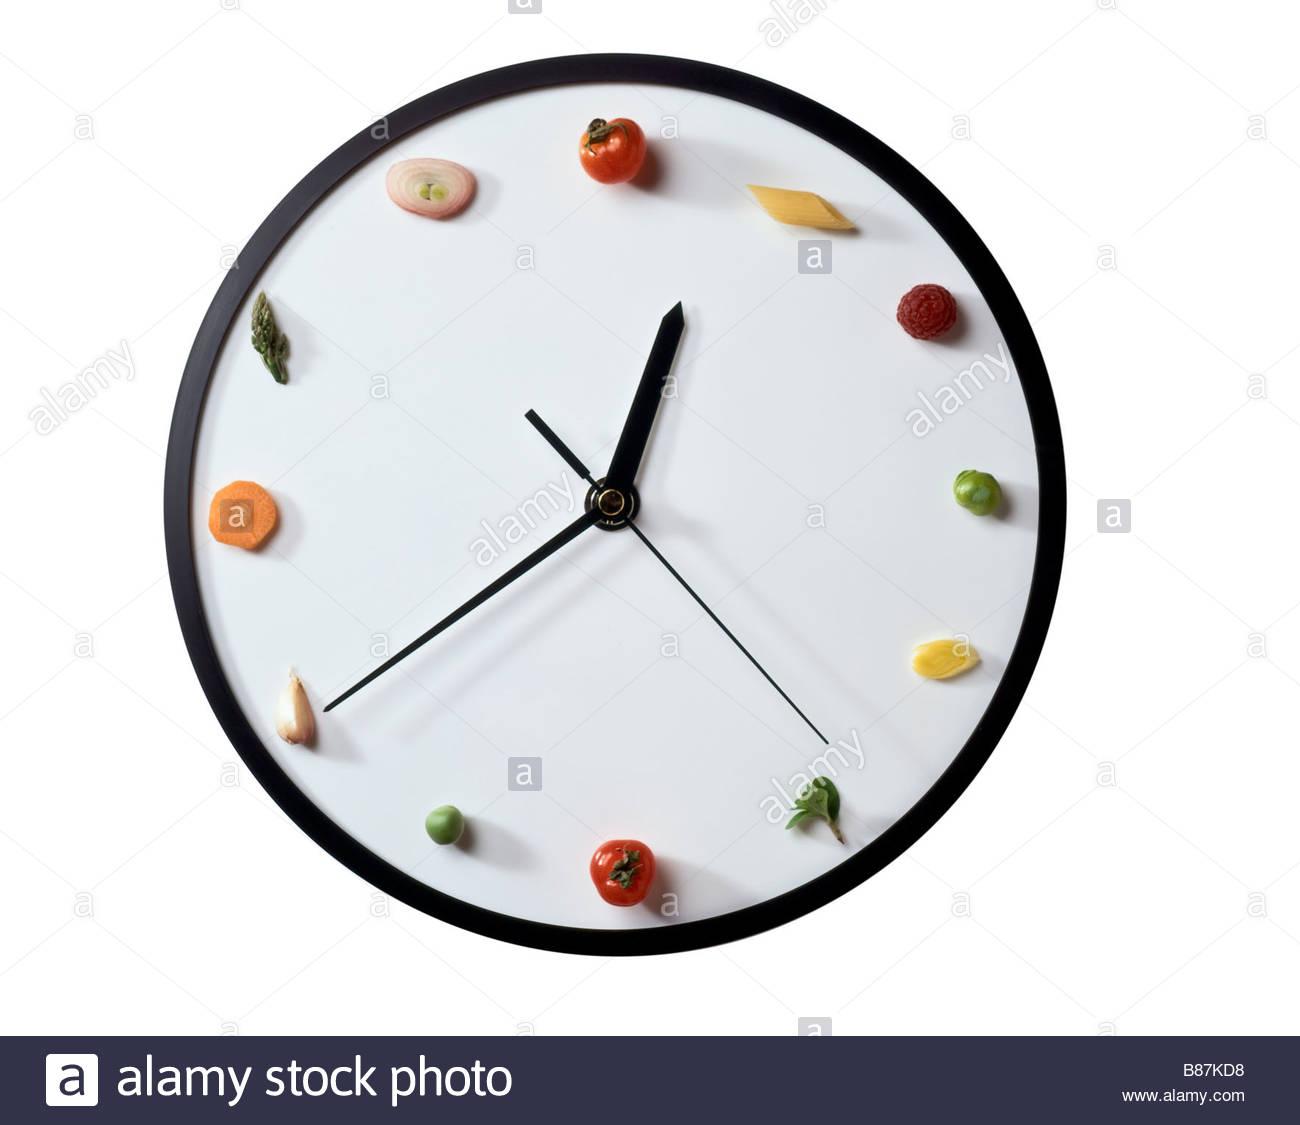 symbolische Uhr Stockbild